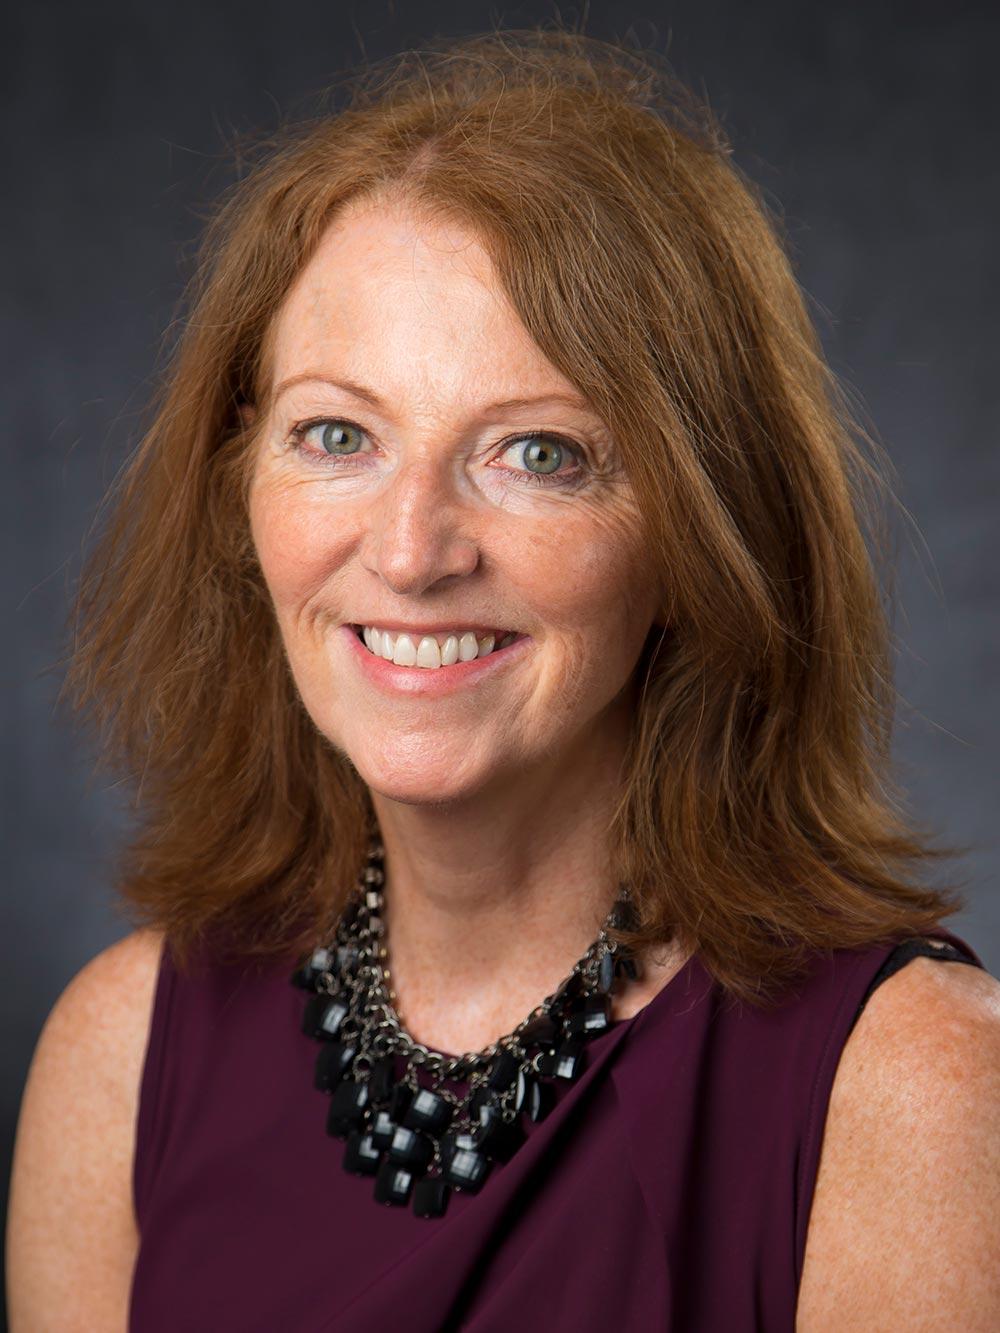 Anne Marie (Ana) Cairns, DO, FAAP, FACP